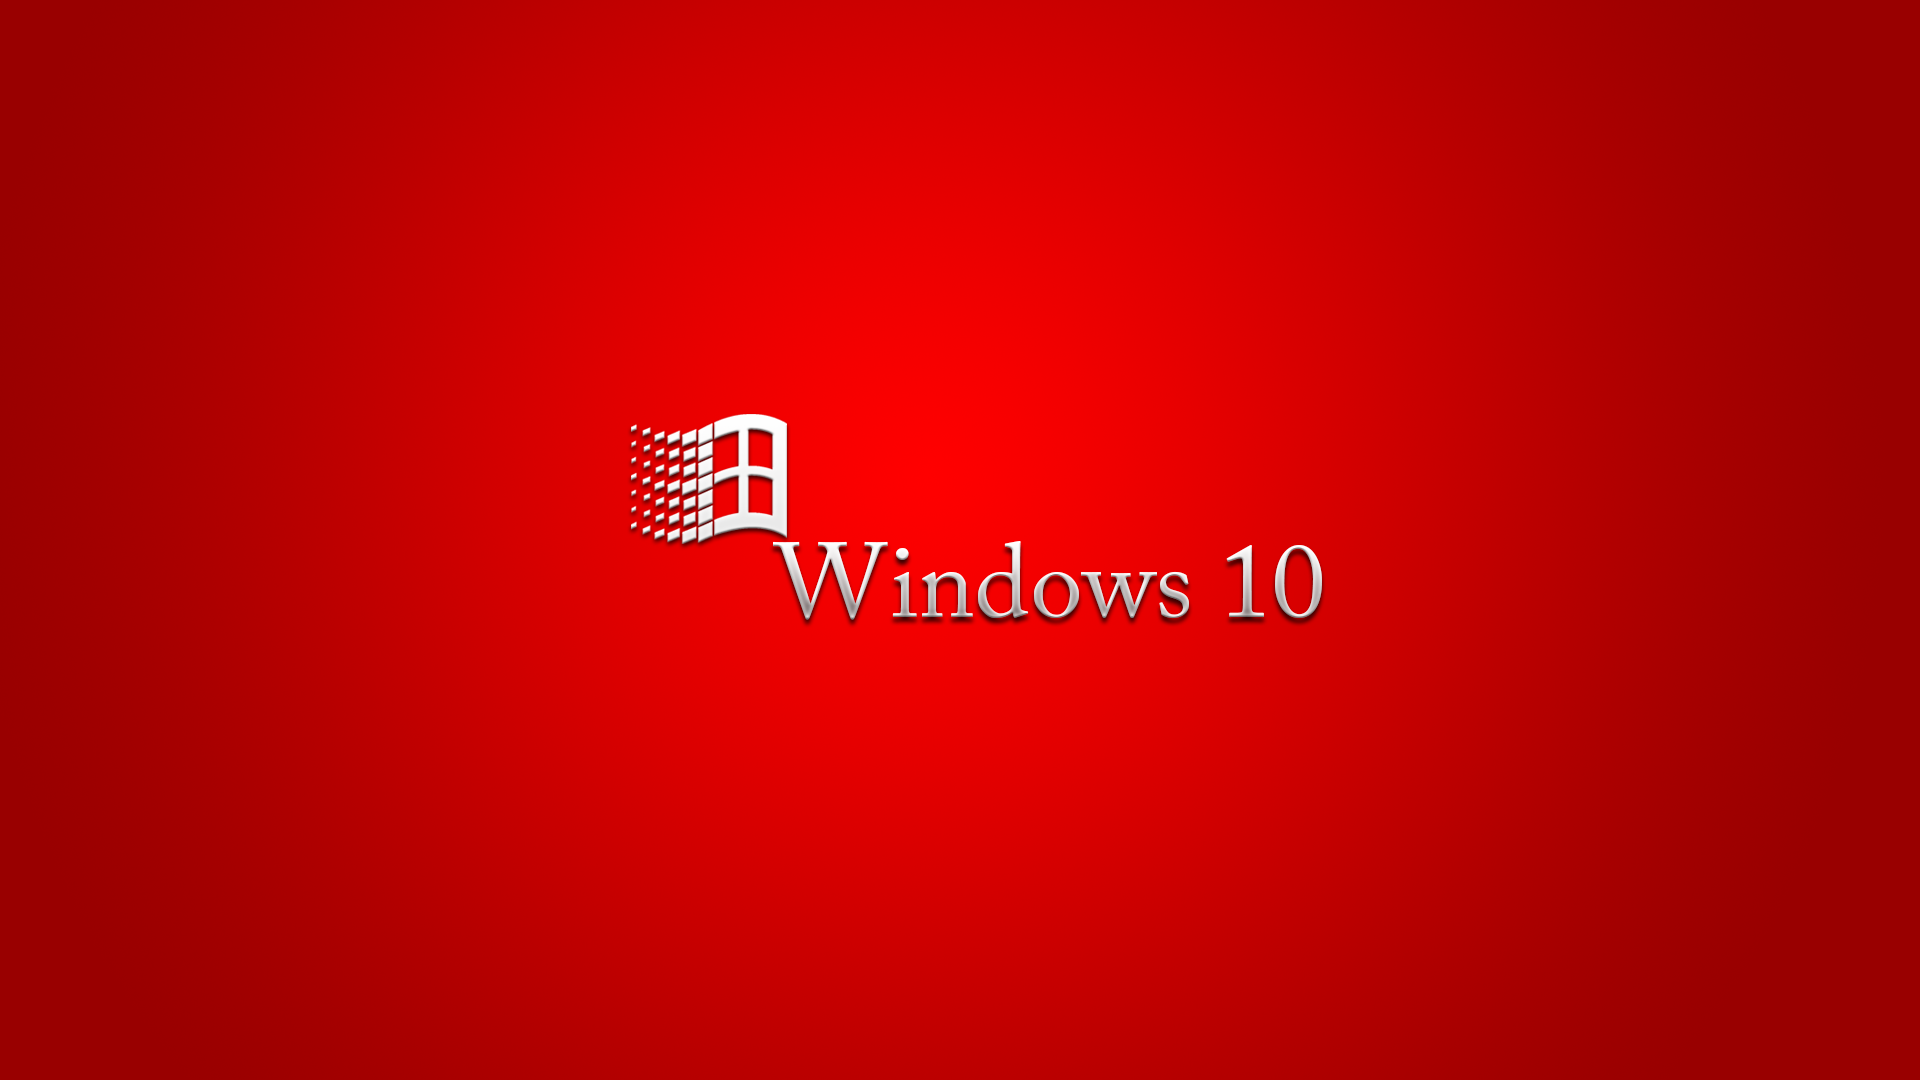 Red Wallpaper Windows 10 Wallpapersafari